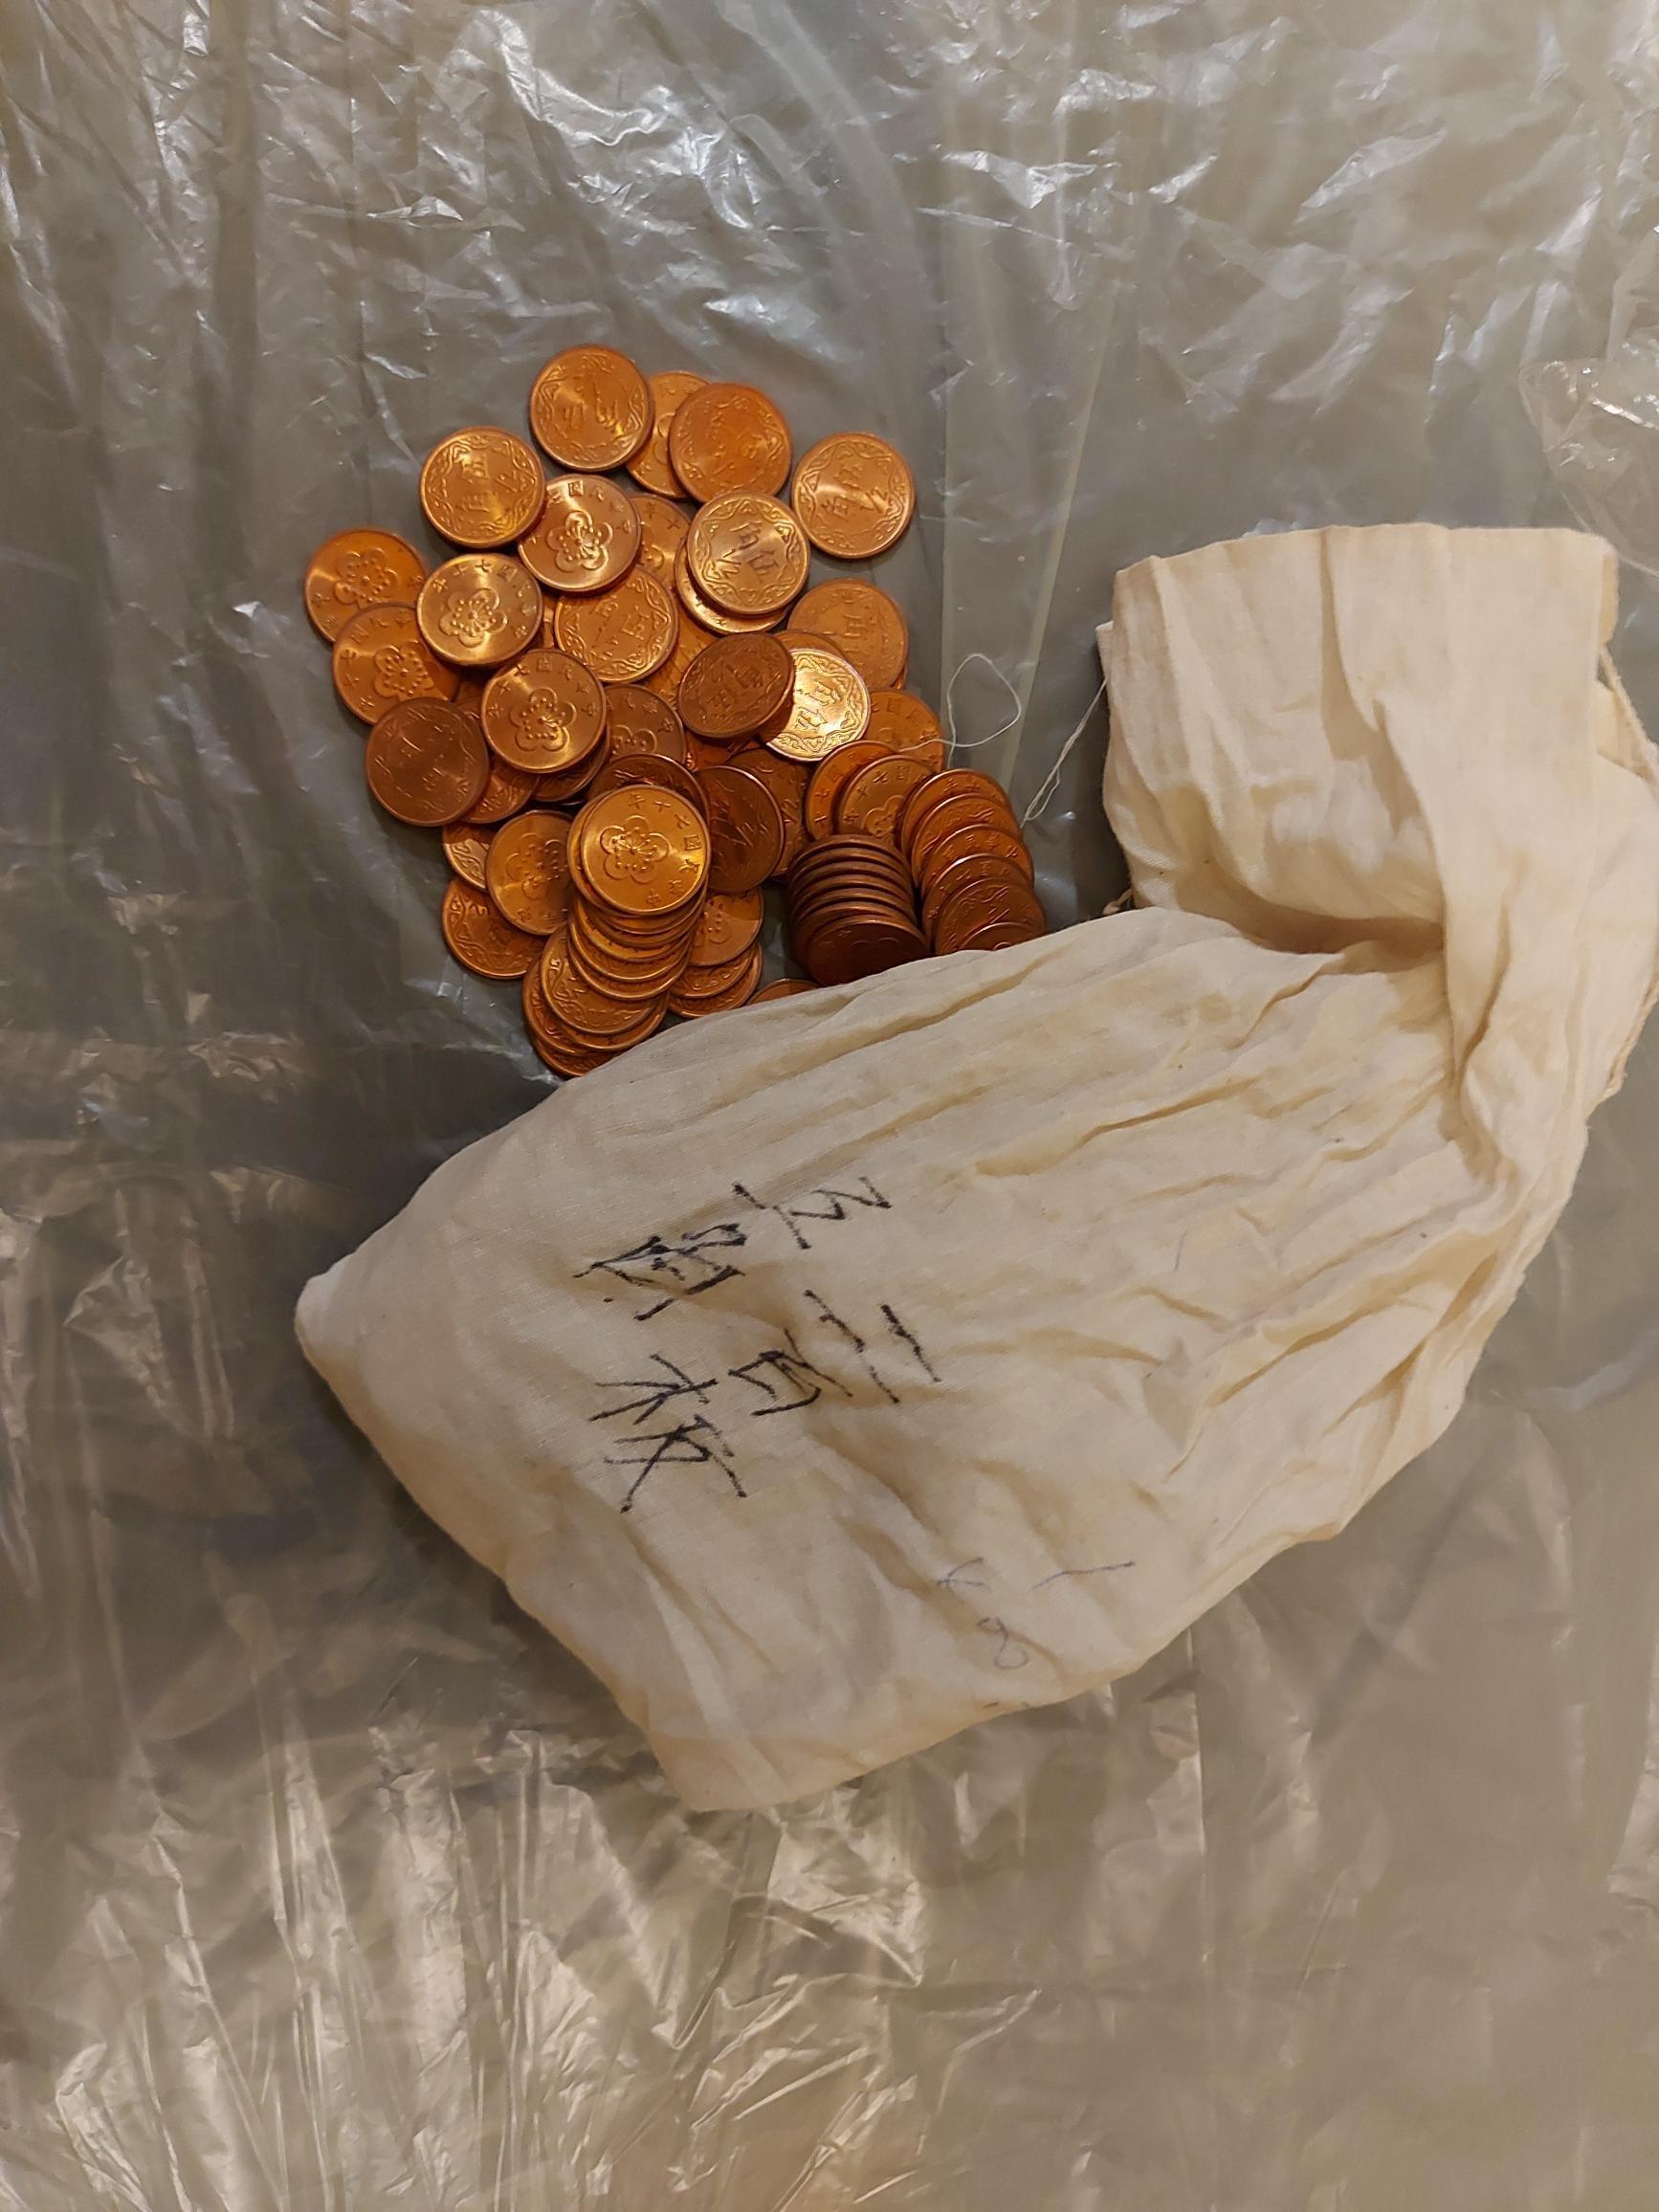 民國70年五角(5角,伍角,1/2元)梅花銅幣硬幣保存著十分不錯,所標為25枚出售價格,品項狀況如照片所示!隨機出貨不挑樣!